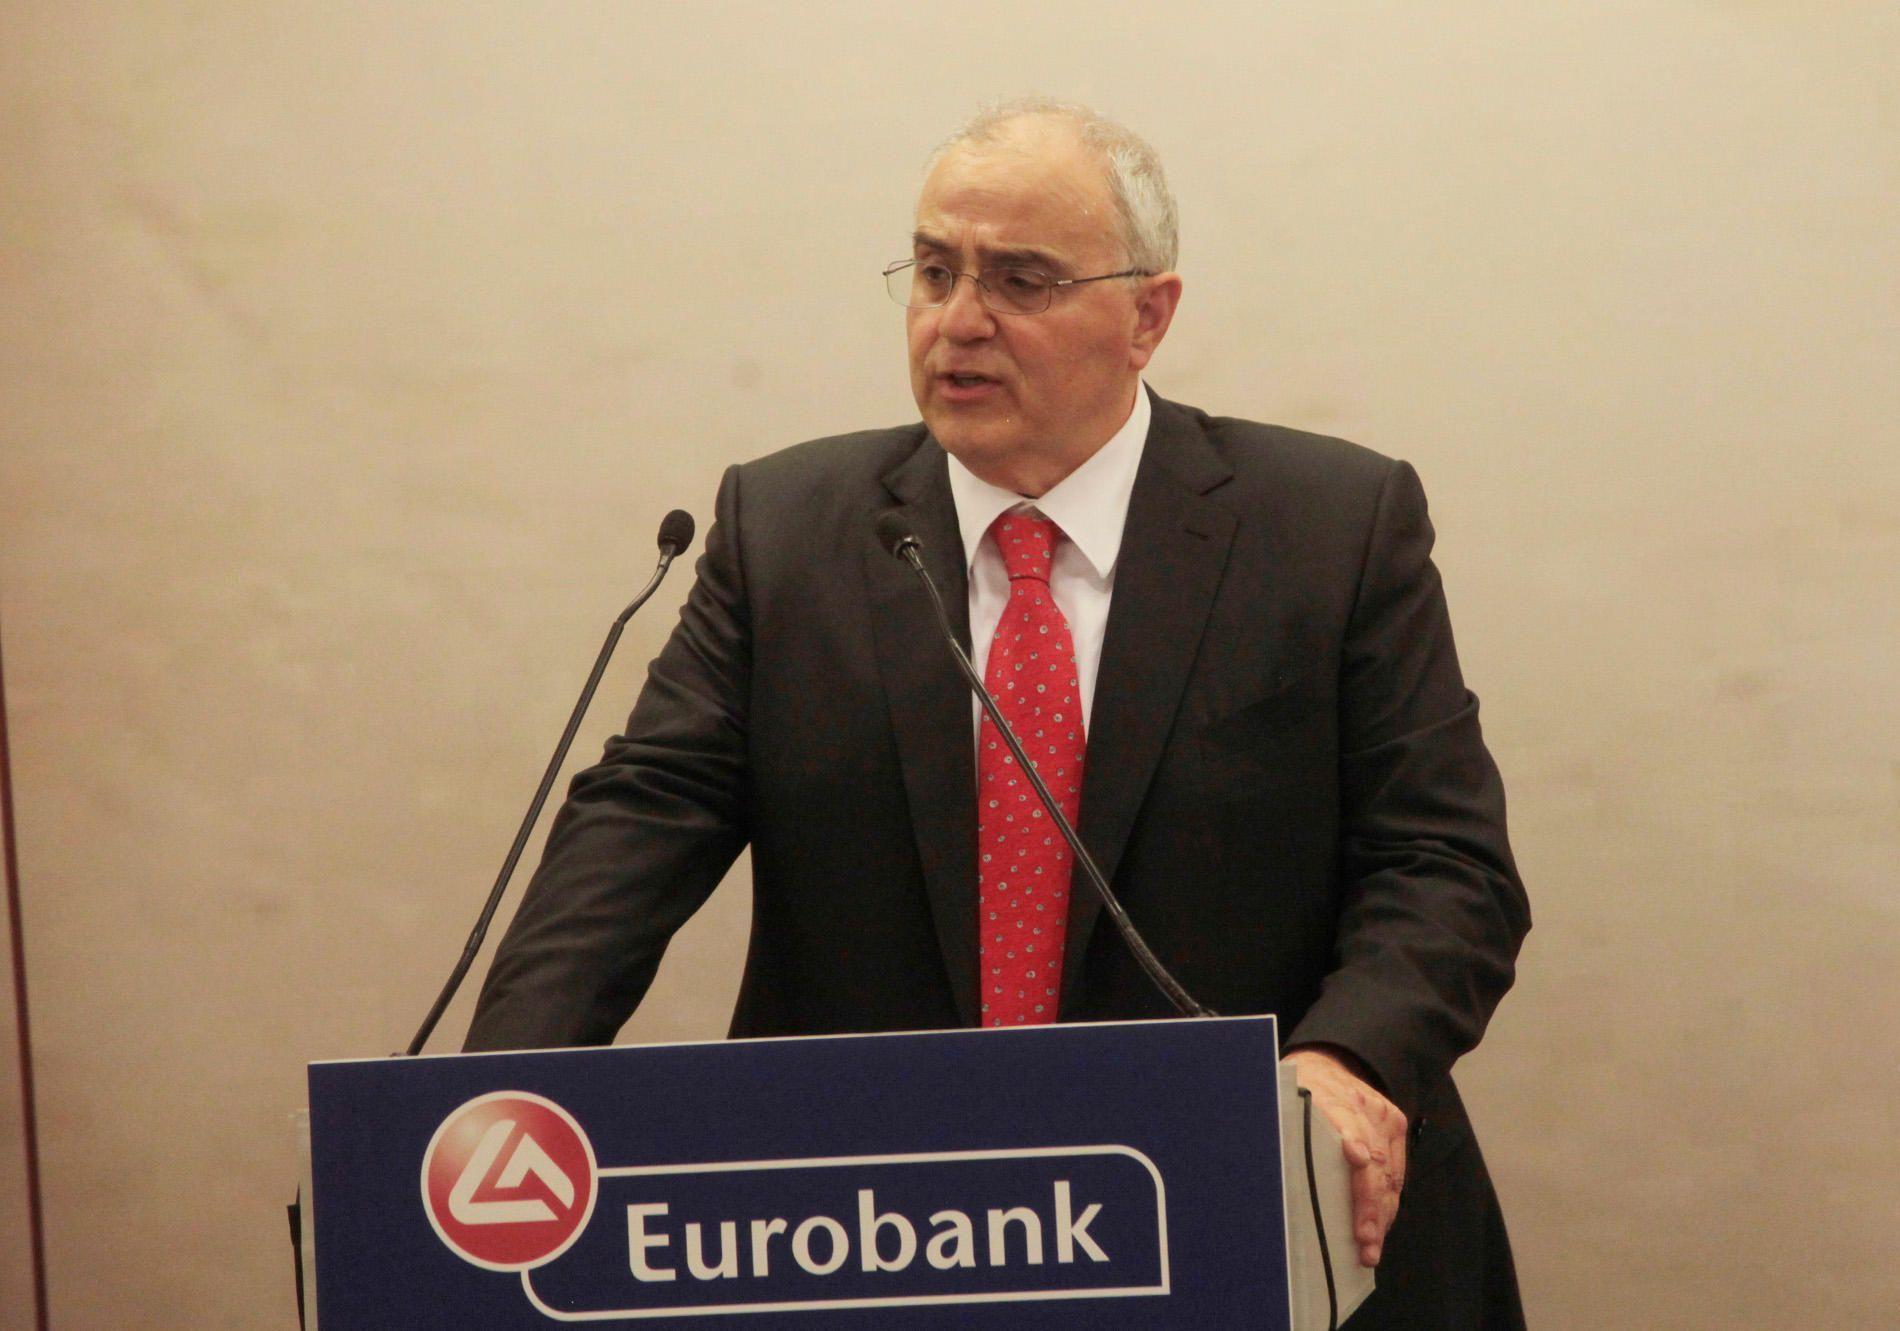 Νίκος Καραμούζης. Ετών 60. Πρόεδρος της Eurobank